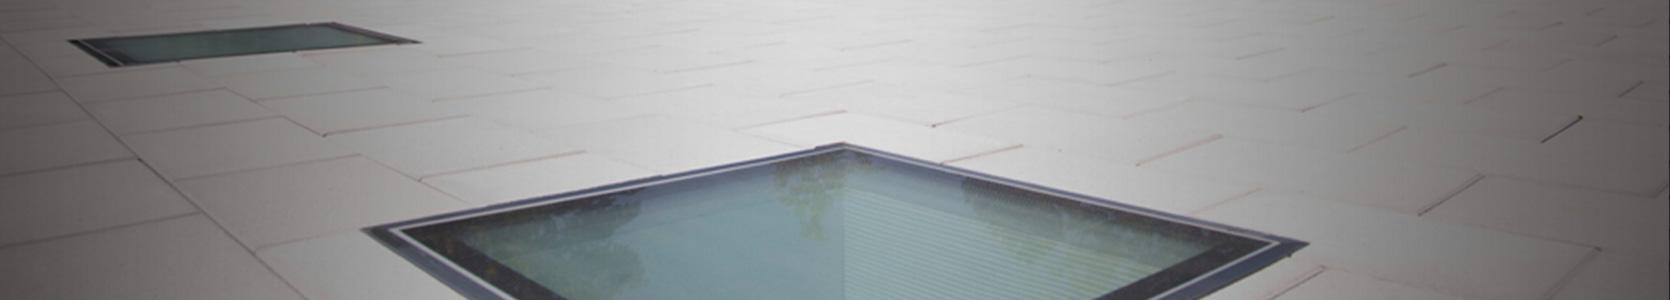 Rešenja za ravan krov